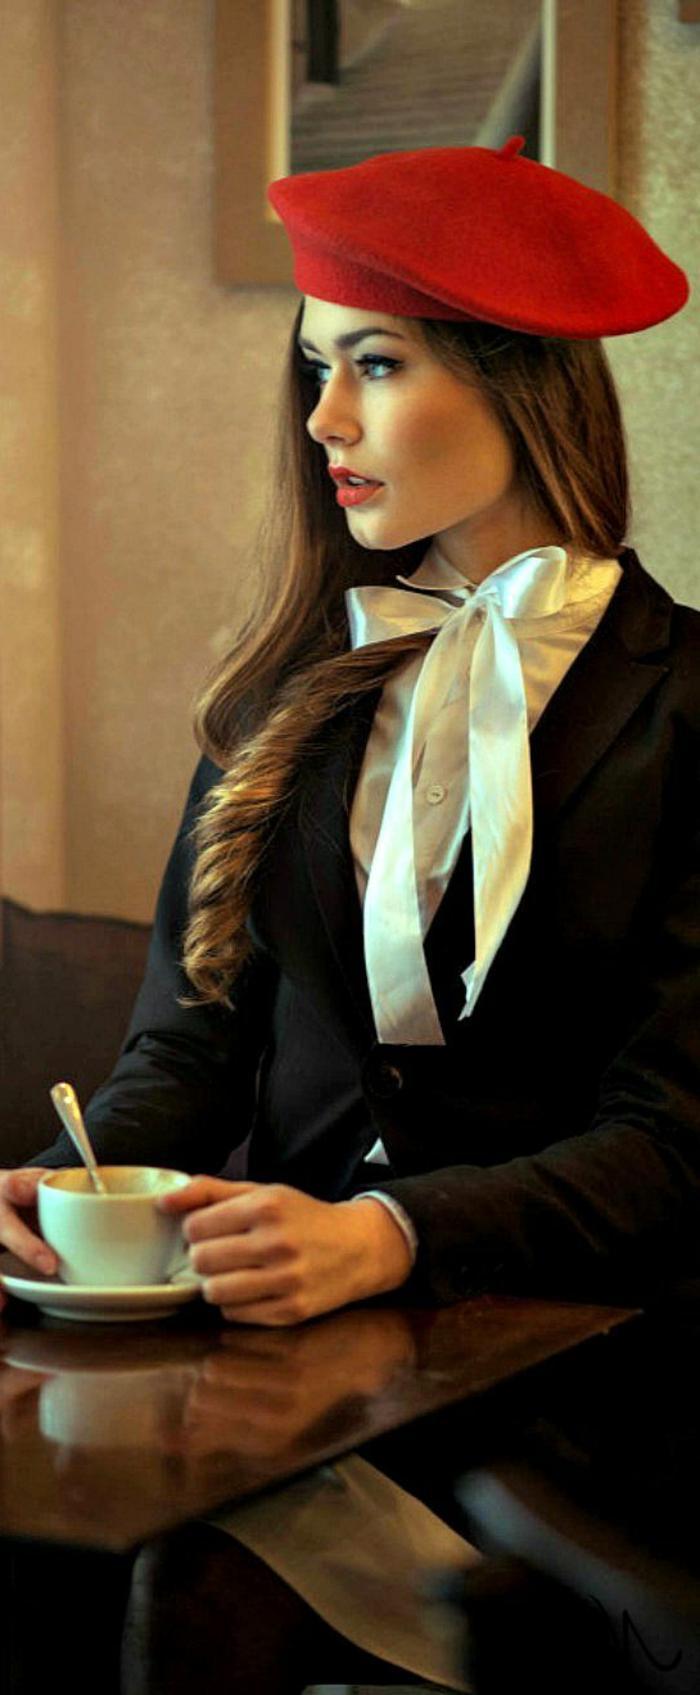 1-béret-femme-rouge-ccheveux-longs-une-vision-rétro-chic-ruban-blanc-papillon-blanc